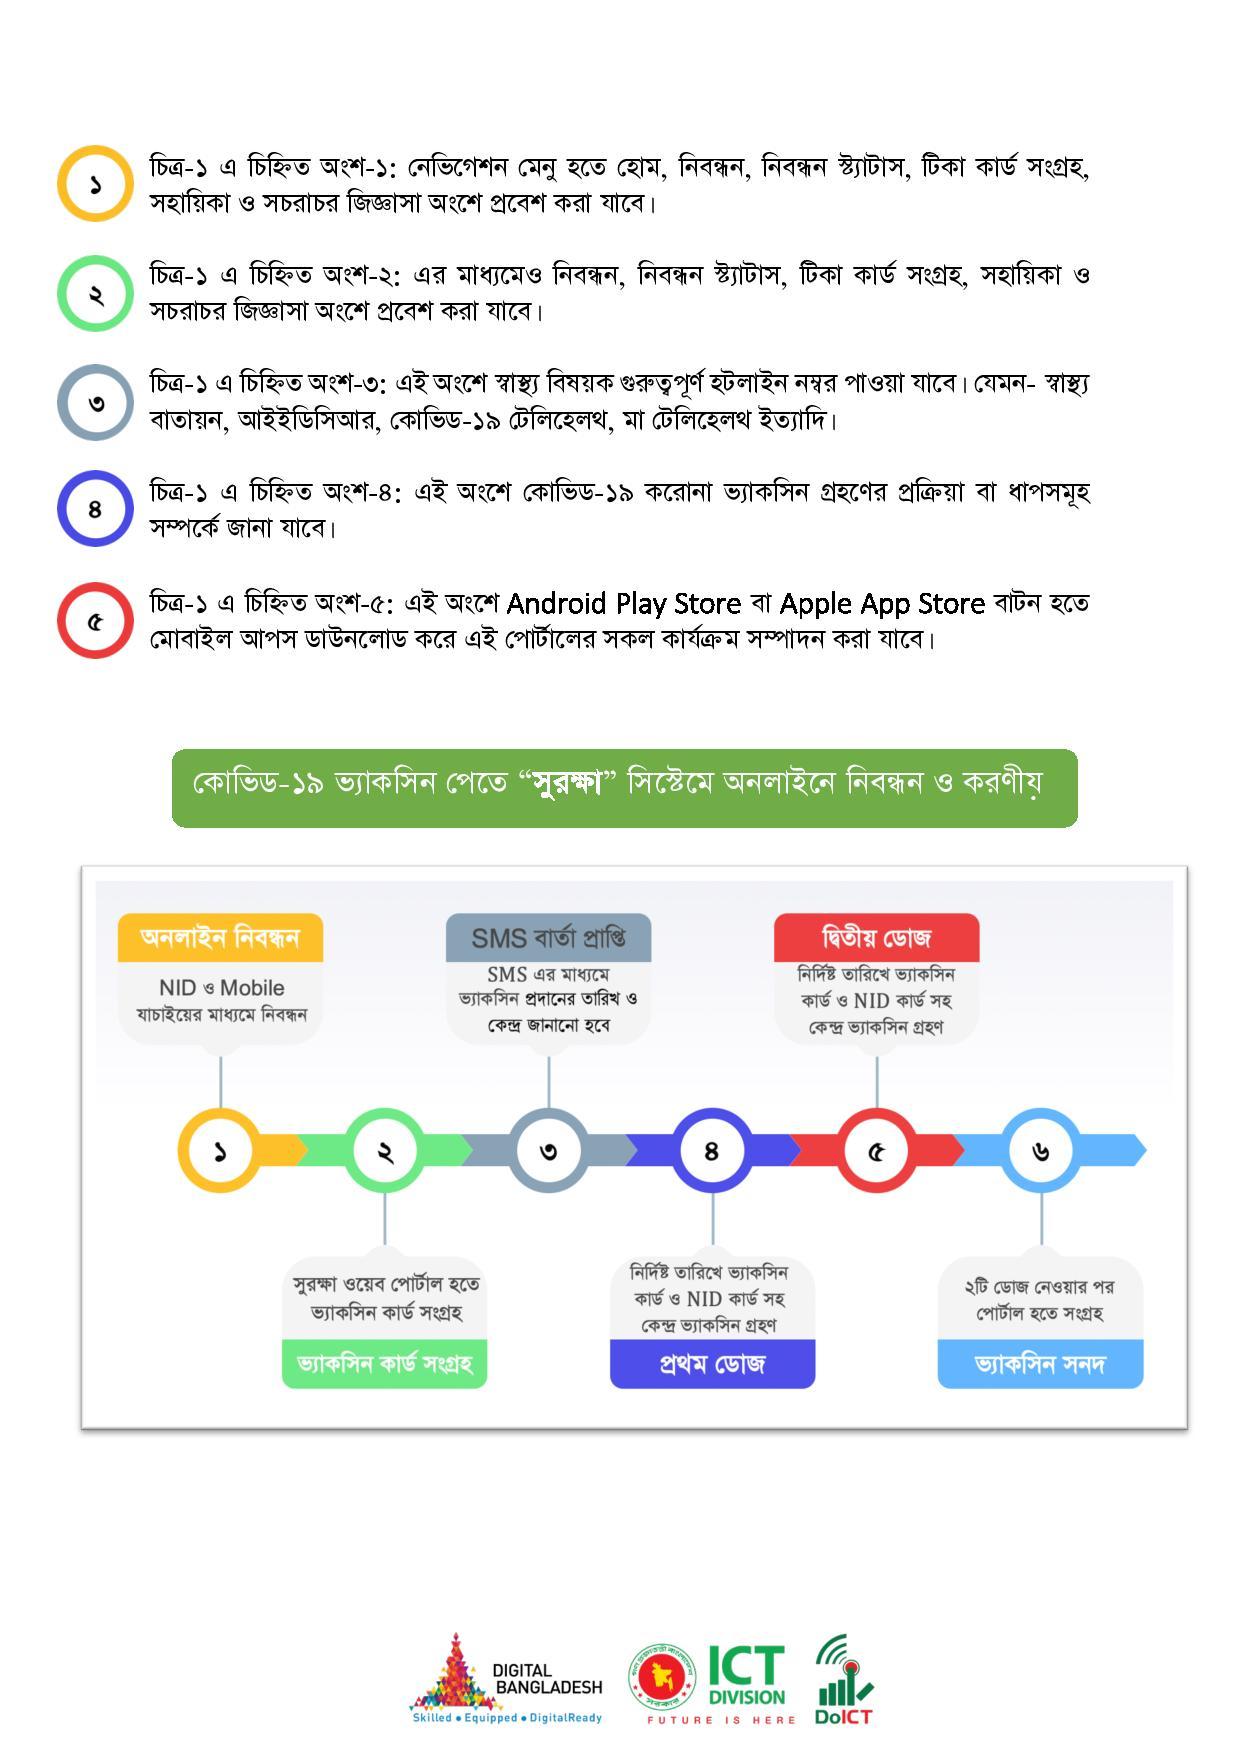 How to register for coronavirus vaccine in Bangladesh